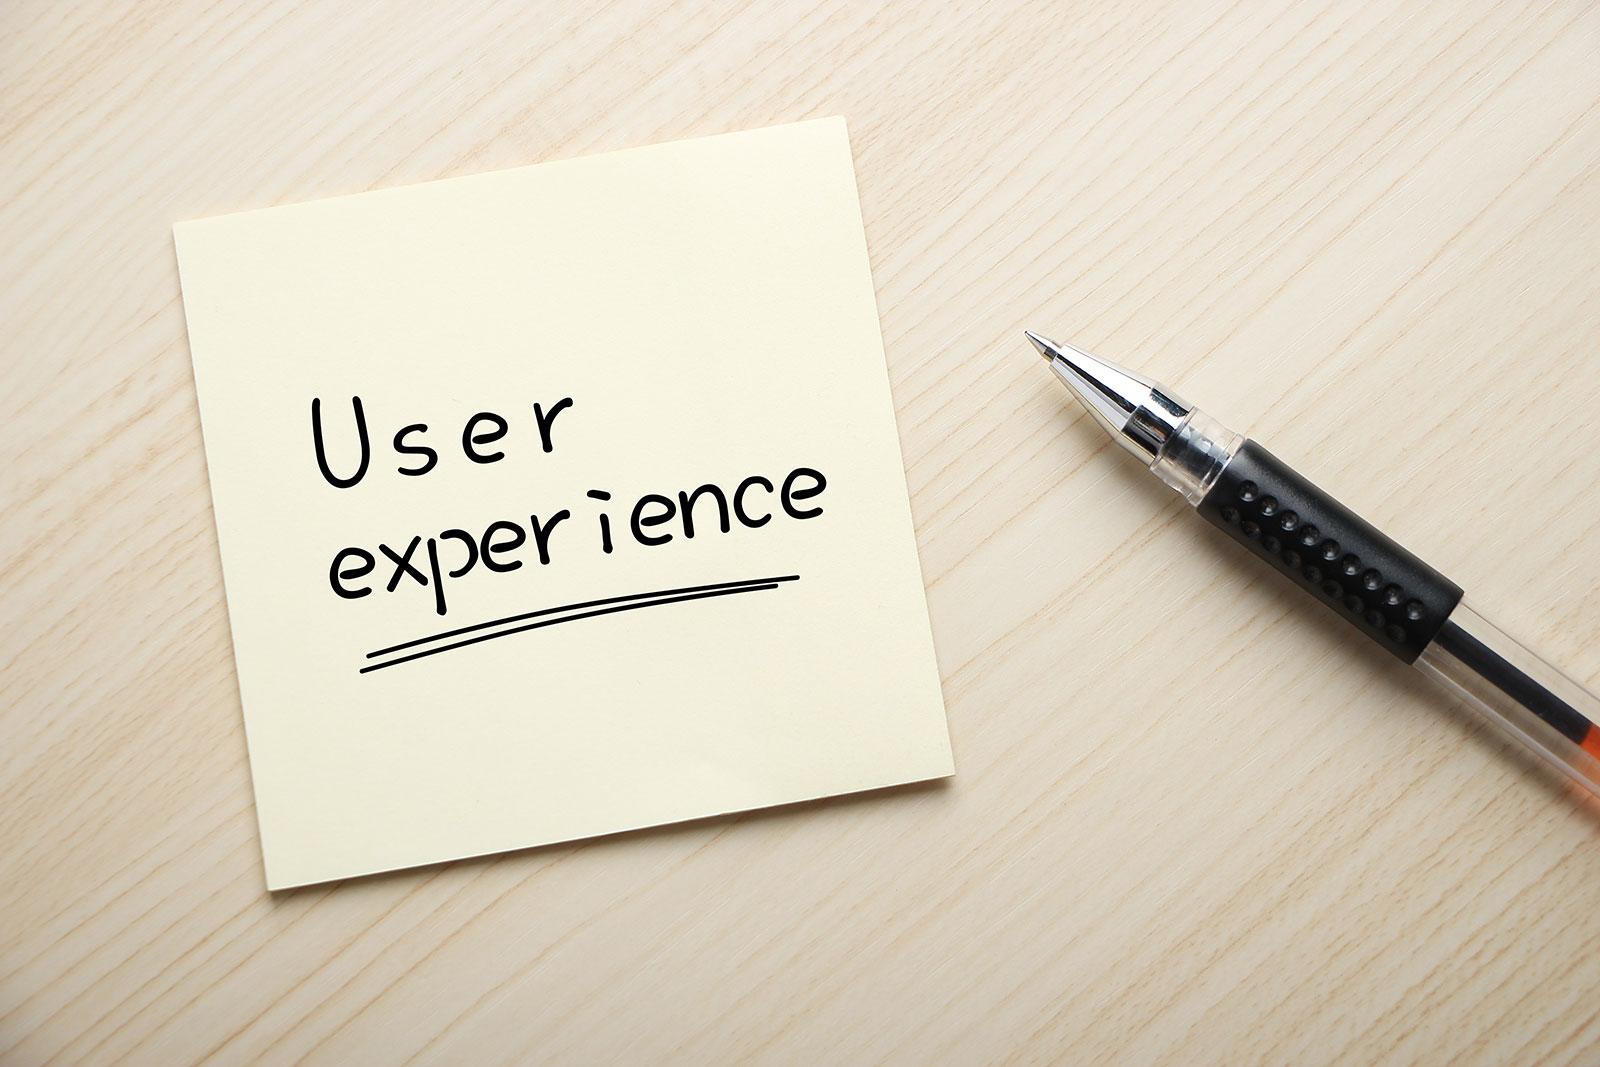 Testpersonen für Tests in den Bereichen Usability Test, User Experience und Eye Tracking oder Card Sorting. Auch für Anwendertests und Produkttests.